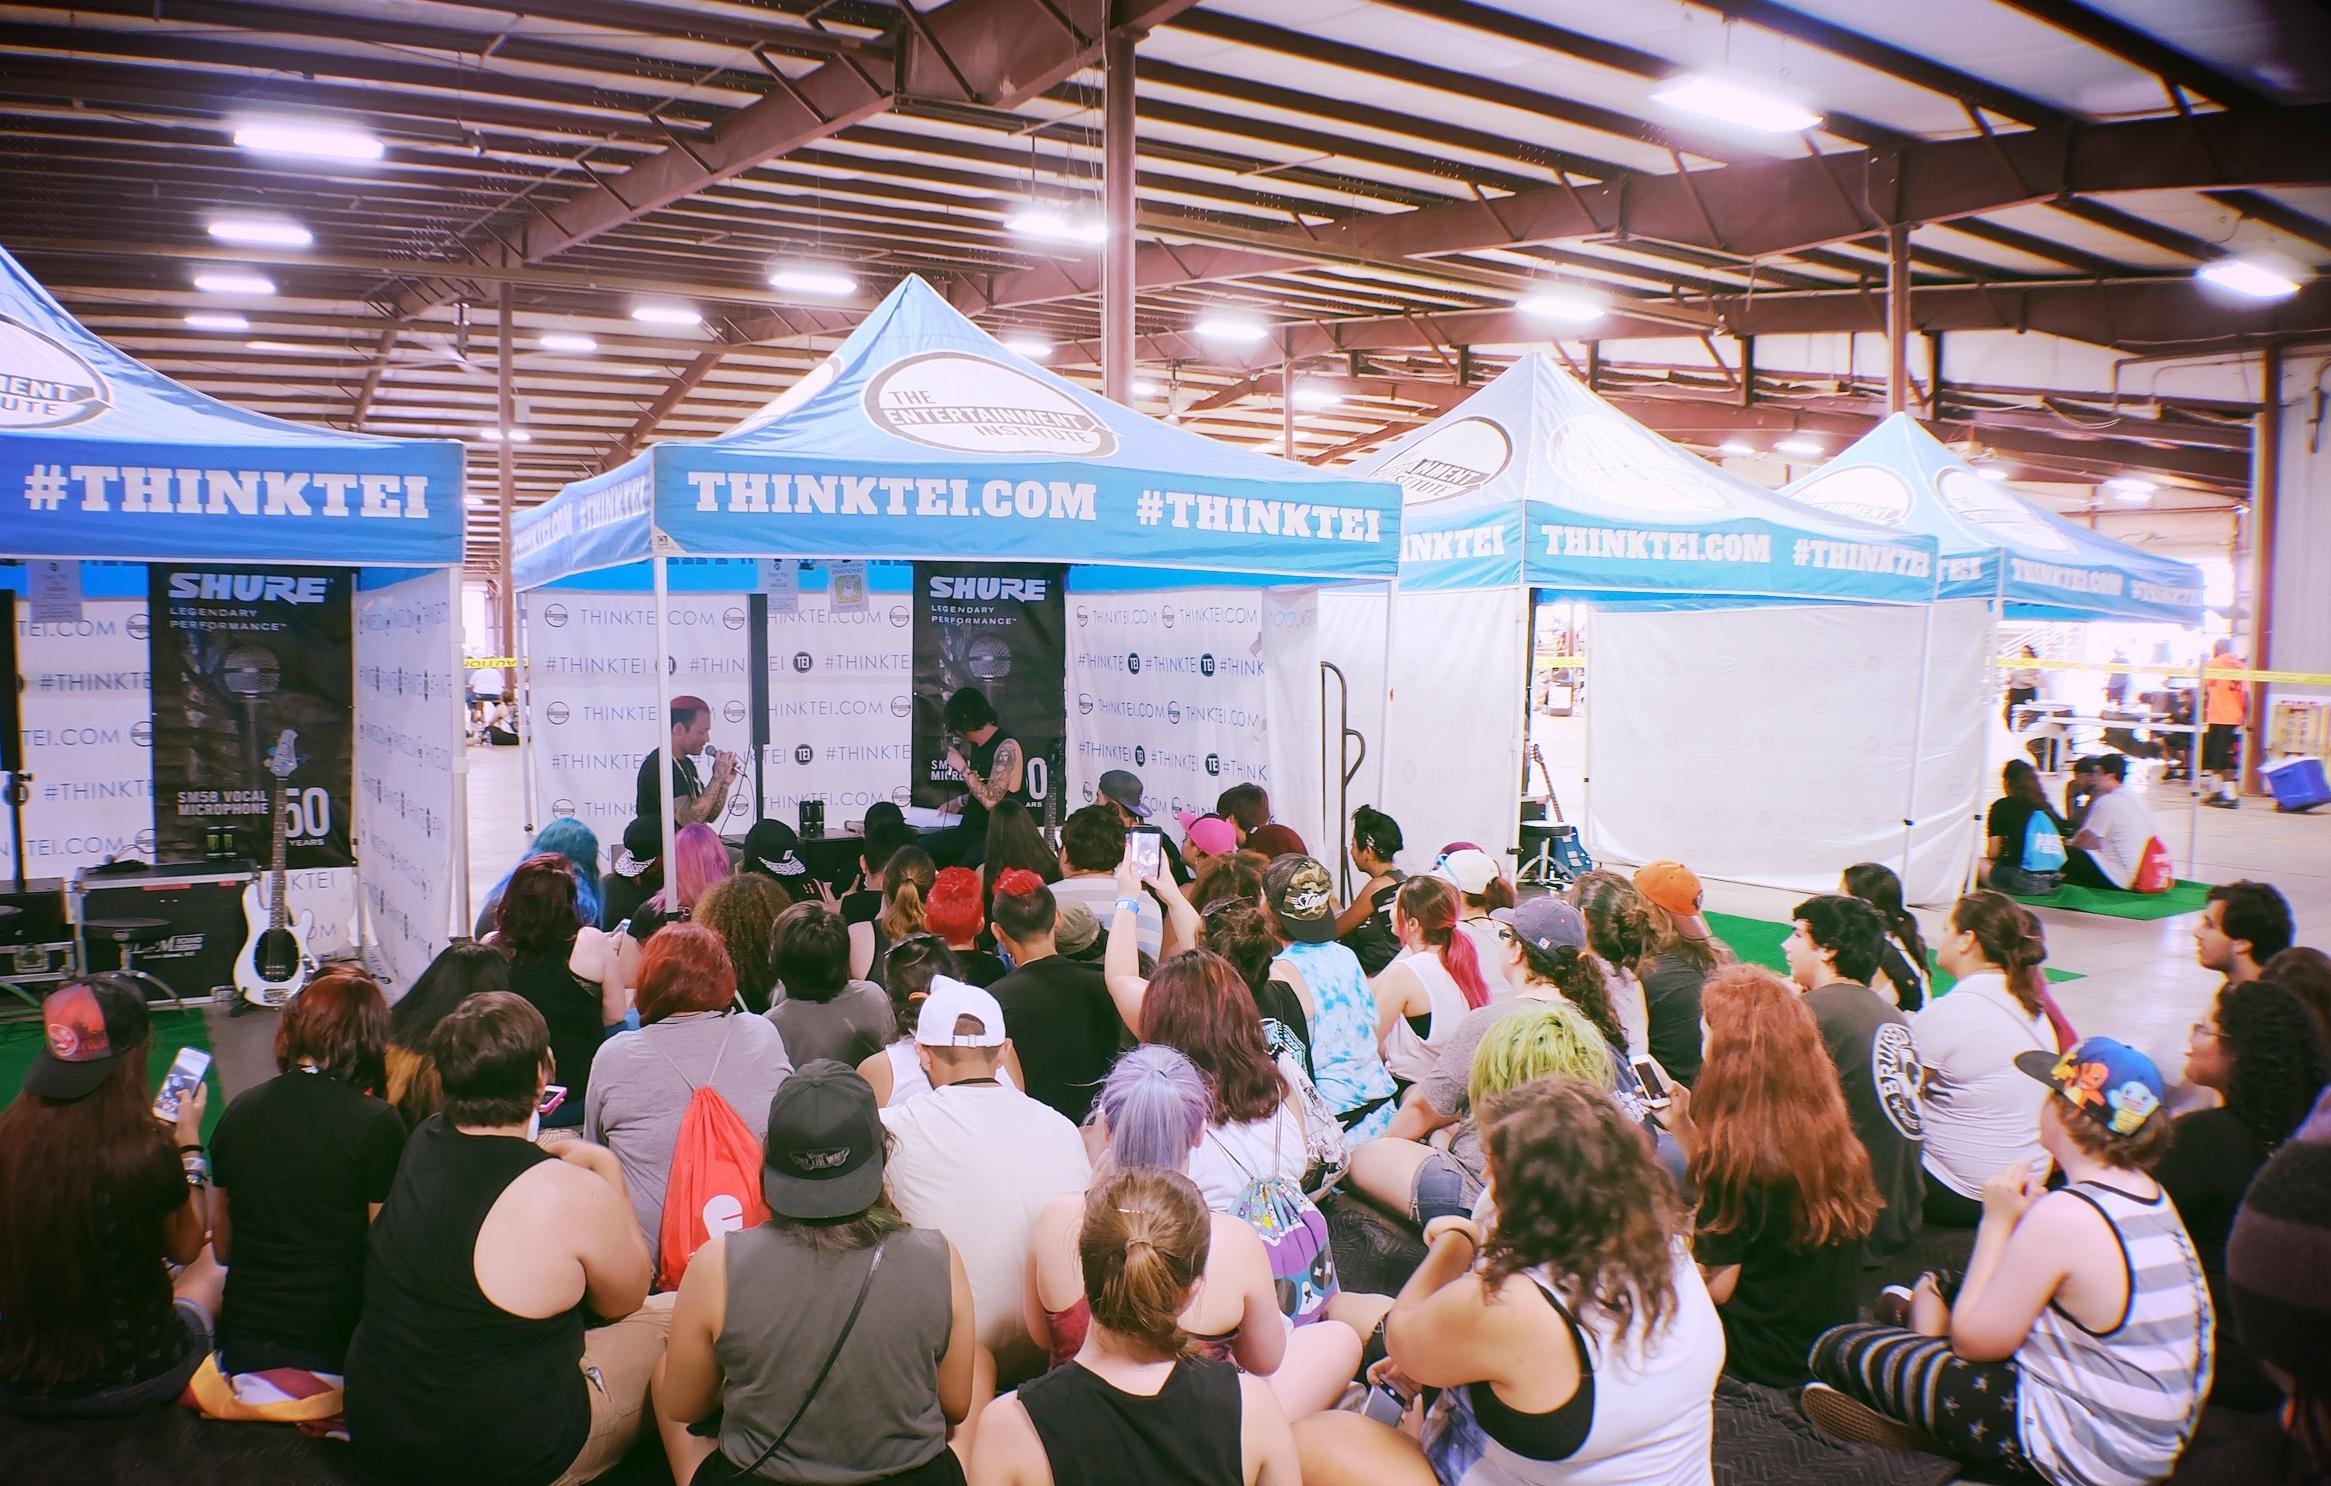 Nick and Kellin's TEI Workshop in San Antonio.